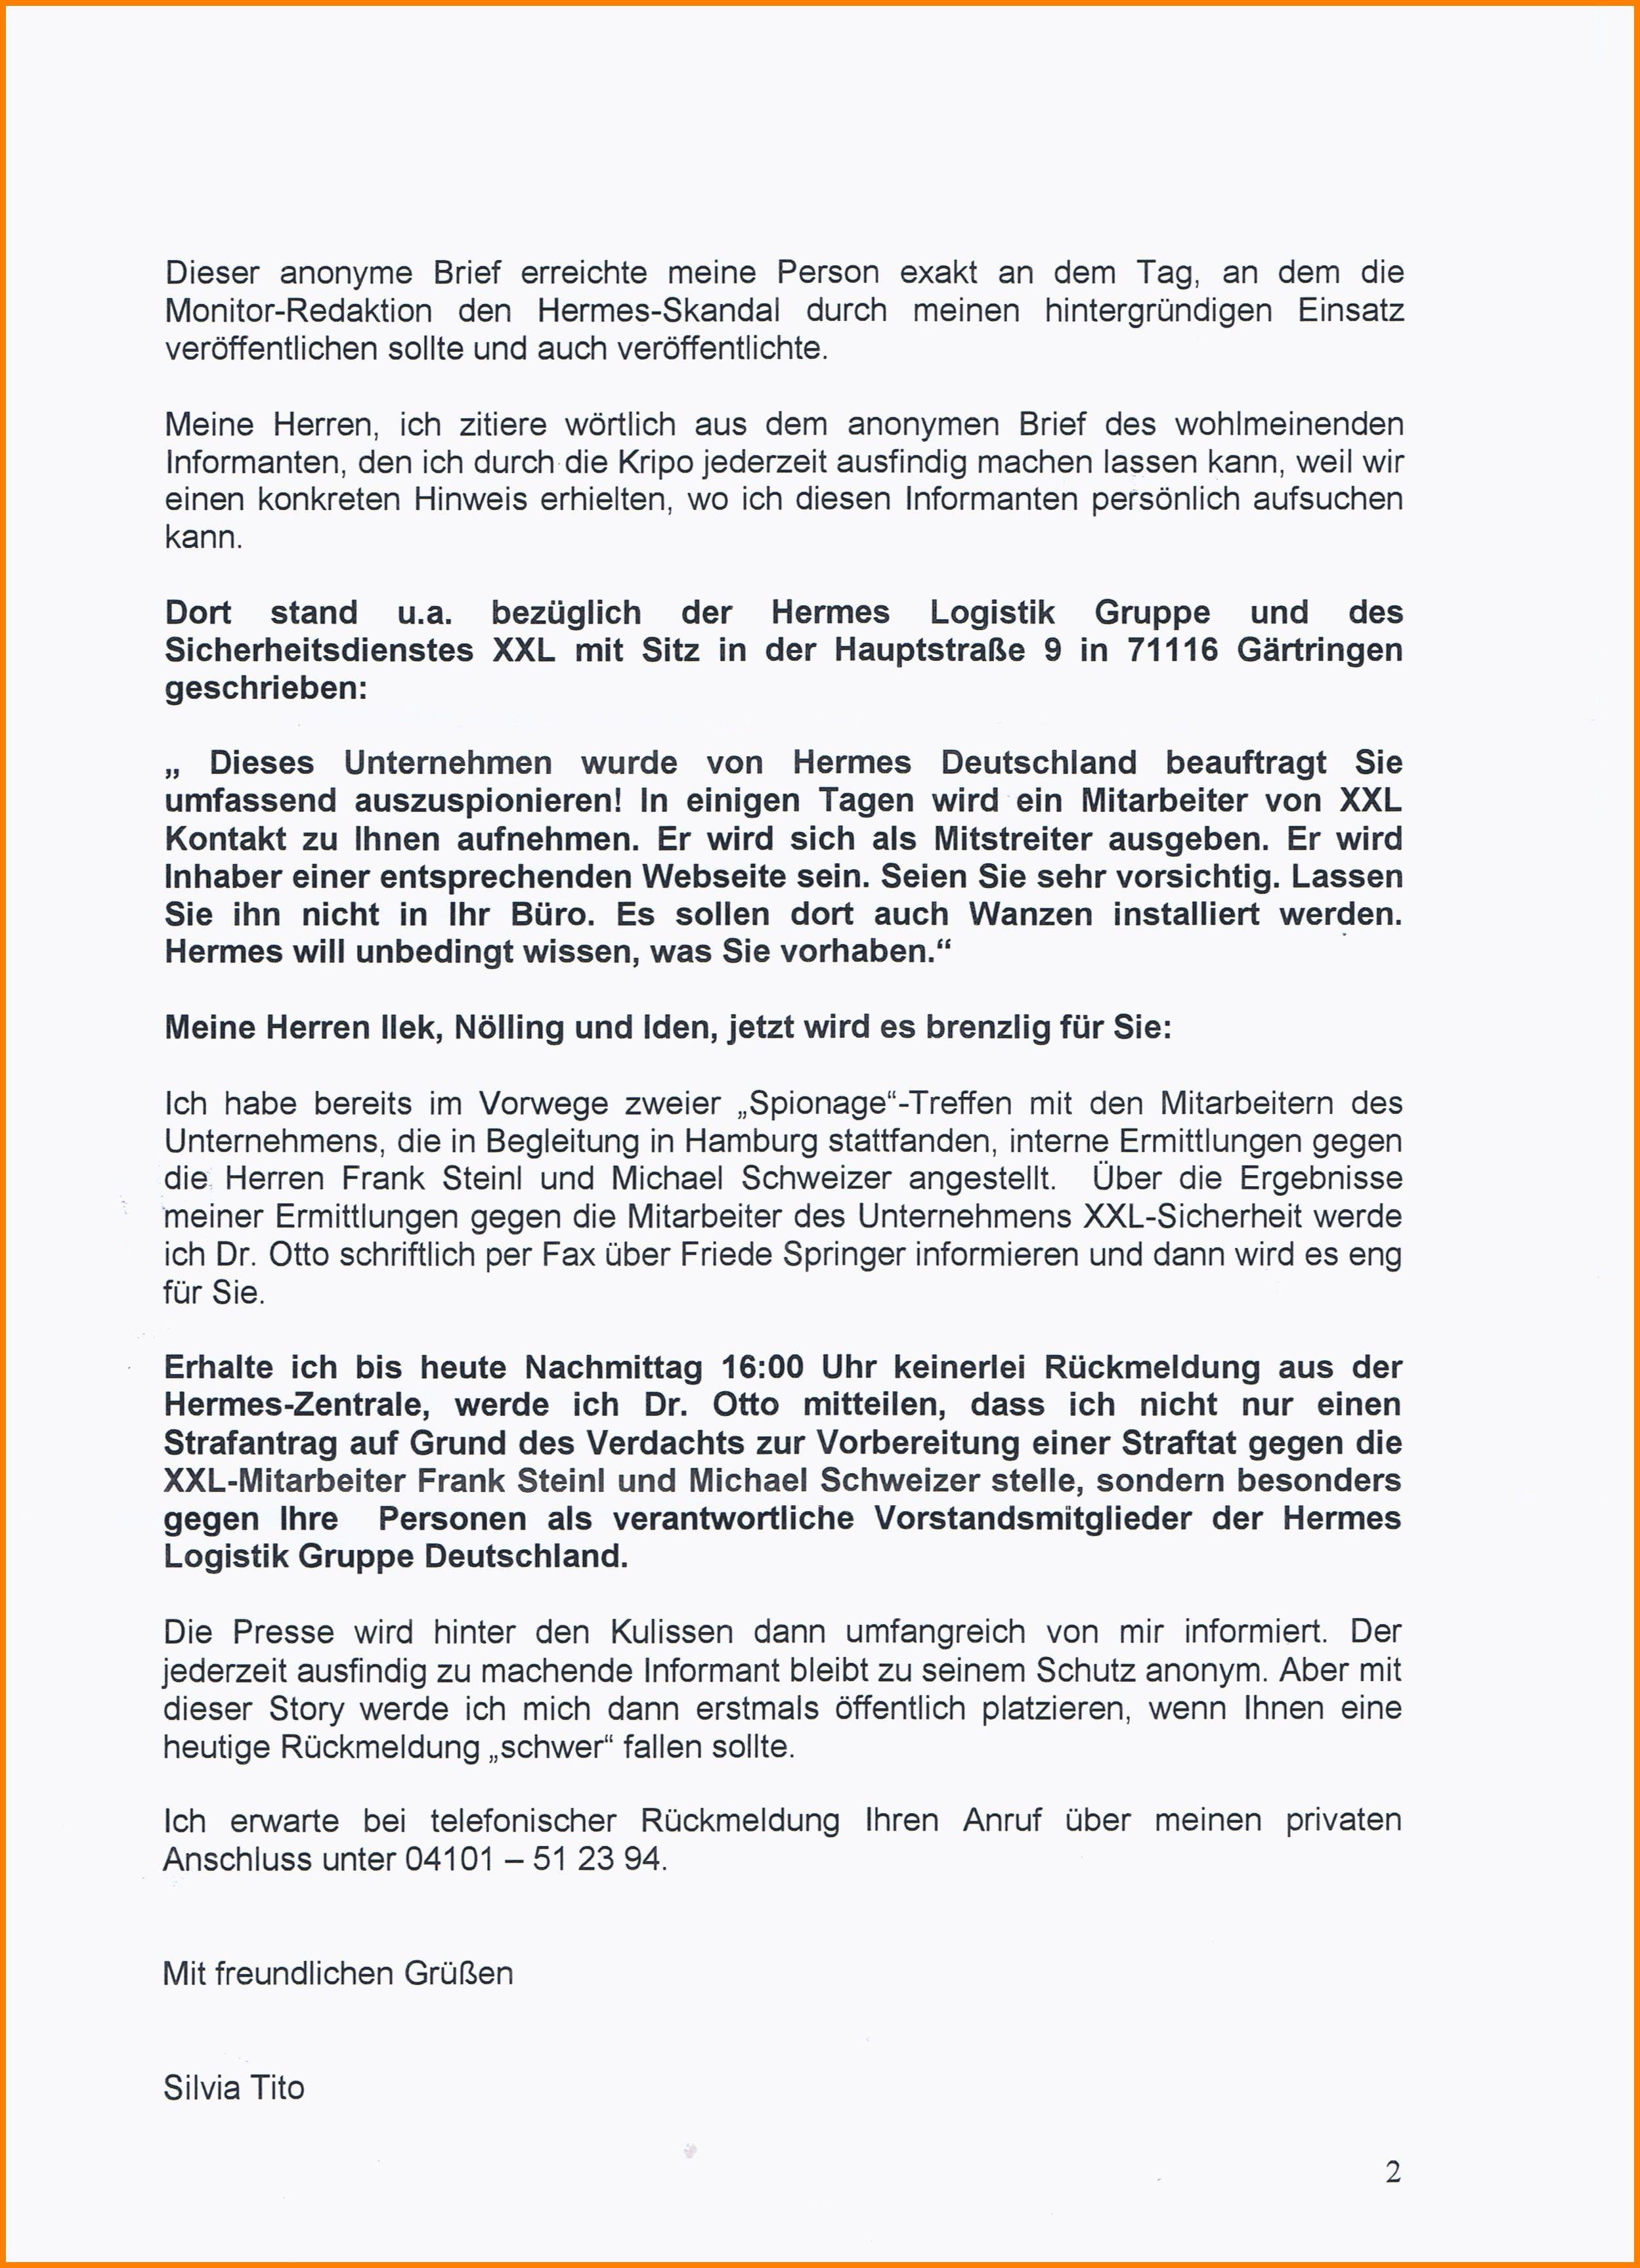 Neu Bewerbung Als Produktionshelfer Briefprobe Briefformat Briefvorlage Briefvorlagen Bewerbung Helfer